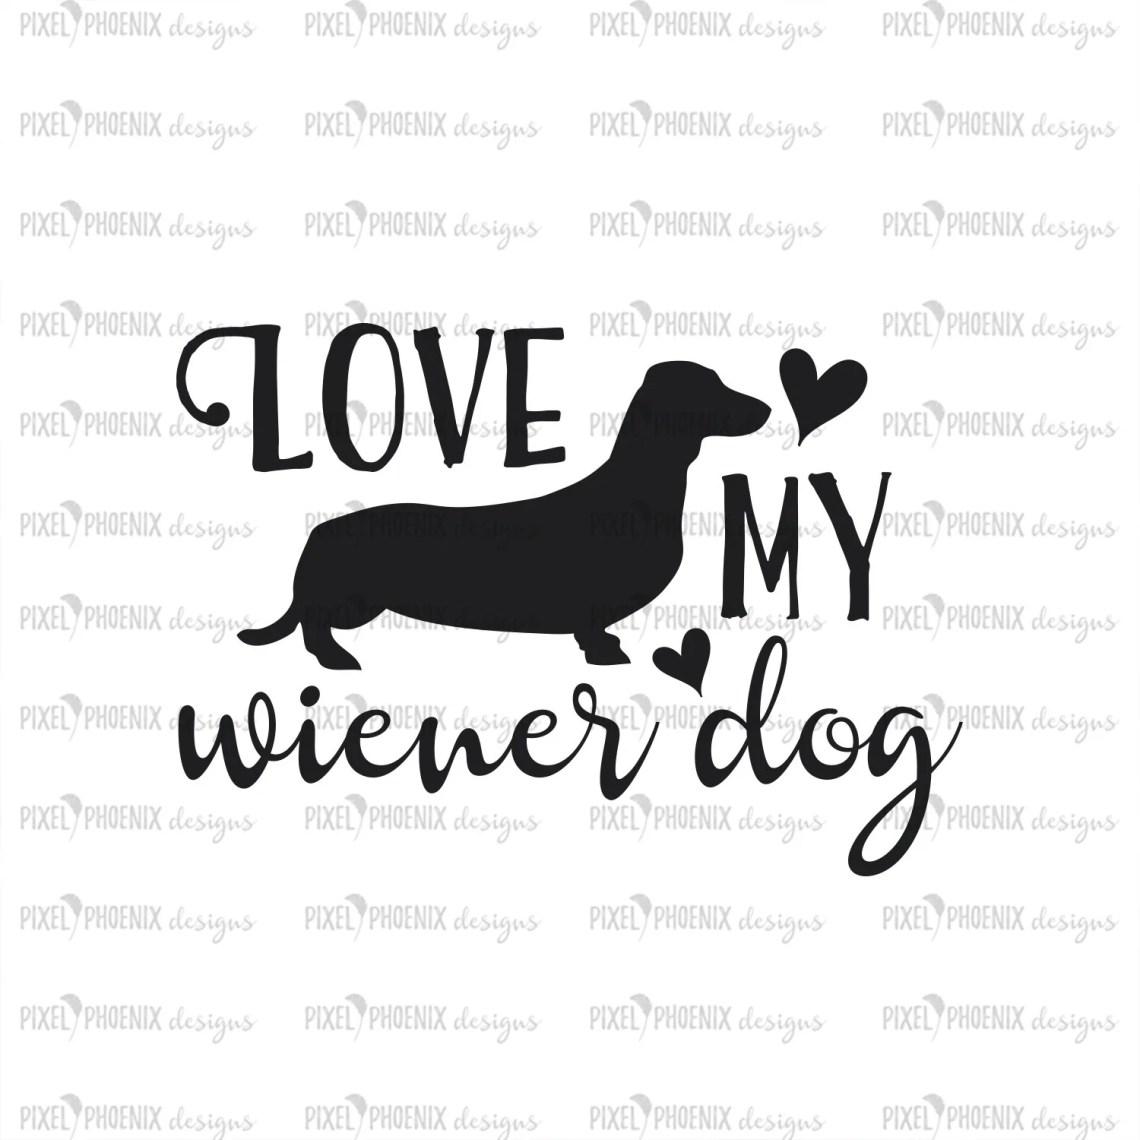 Download Love my Wiener Dog SVG, Dachshund SVG - Pixel Phoenix